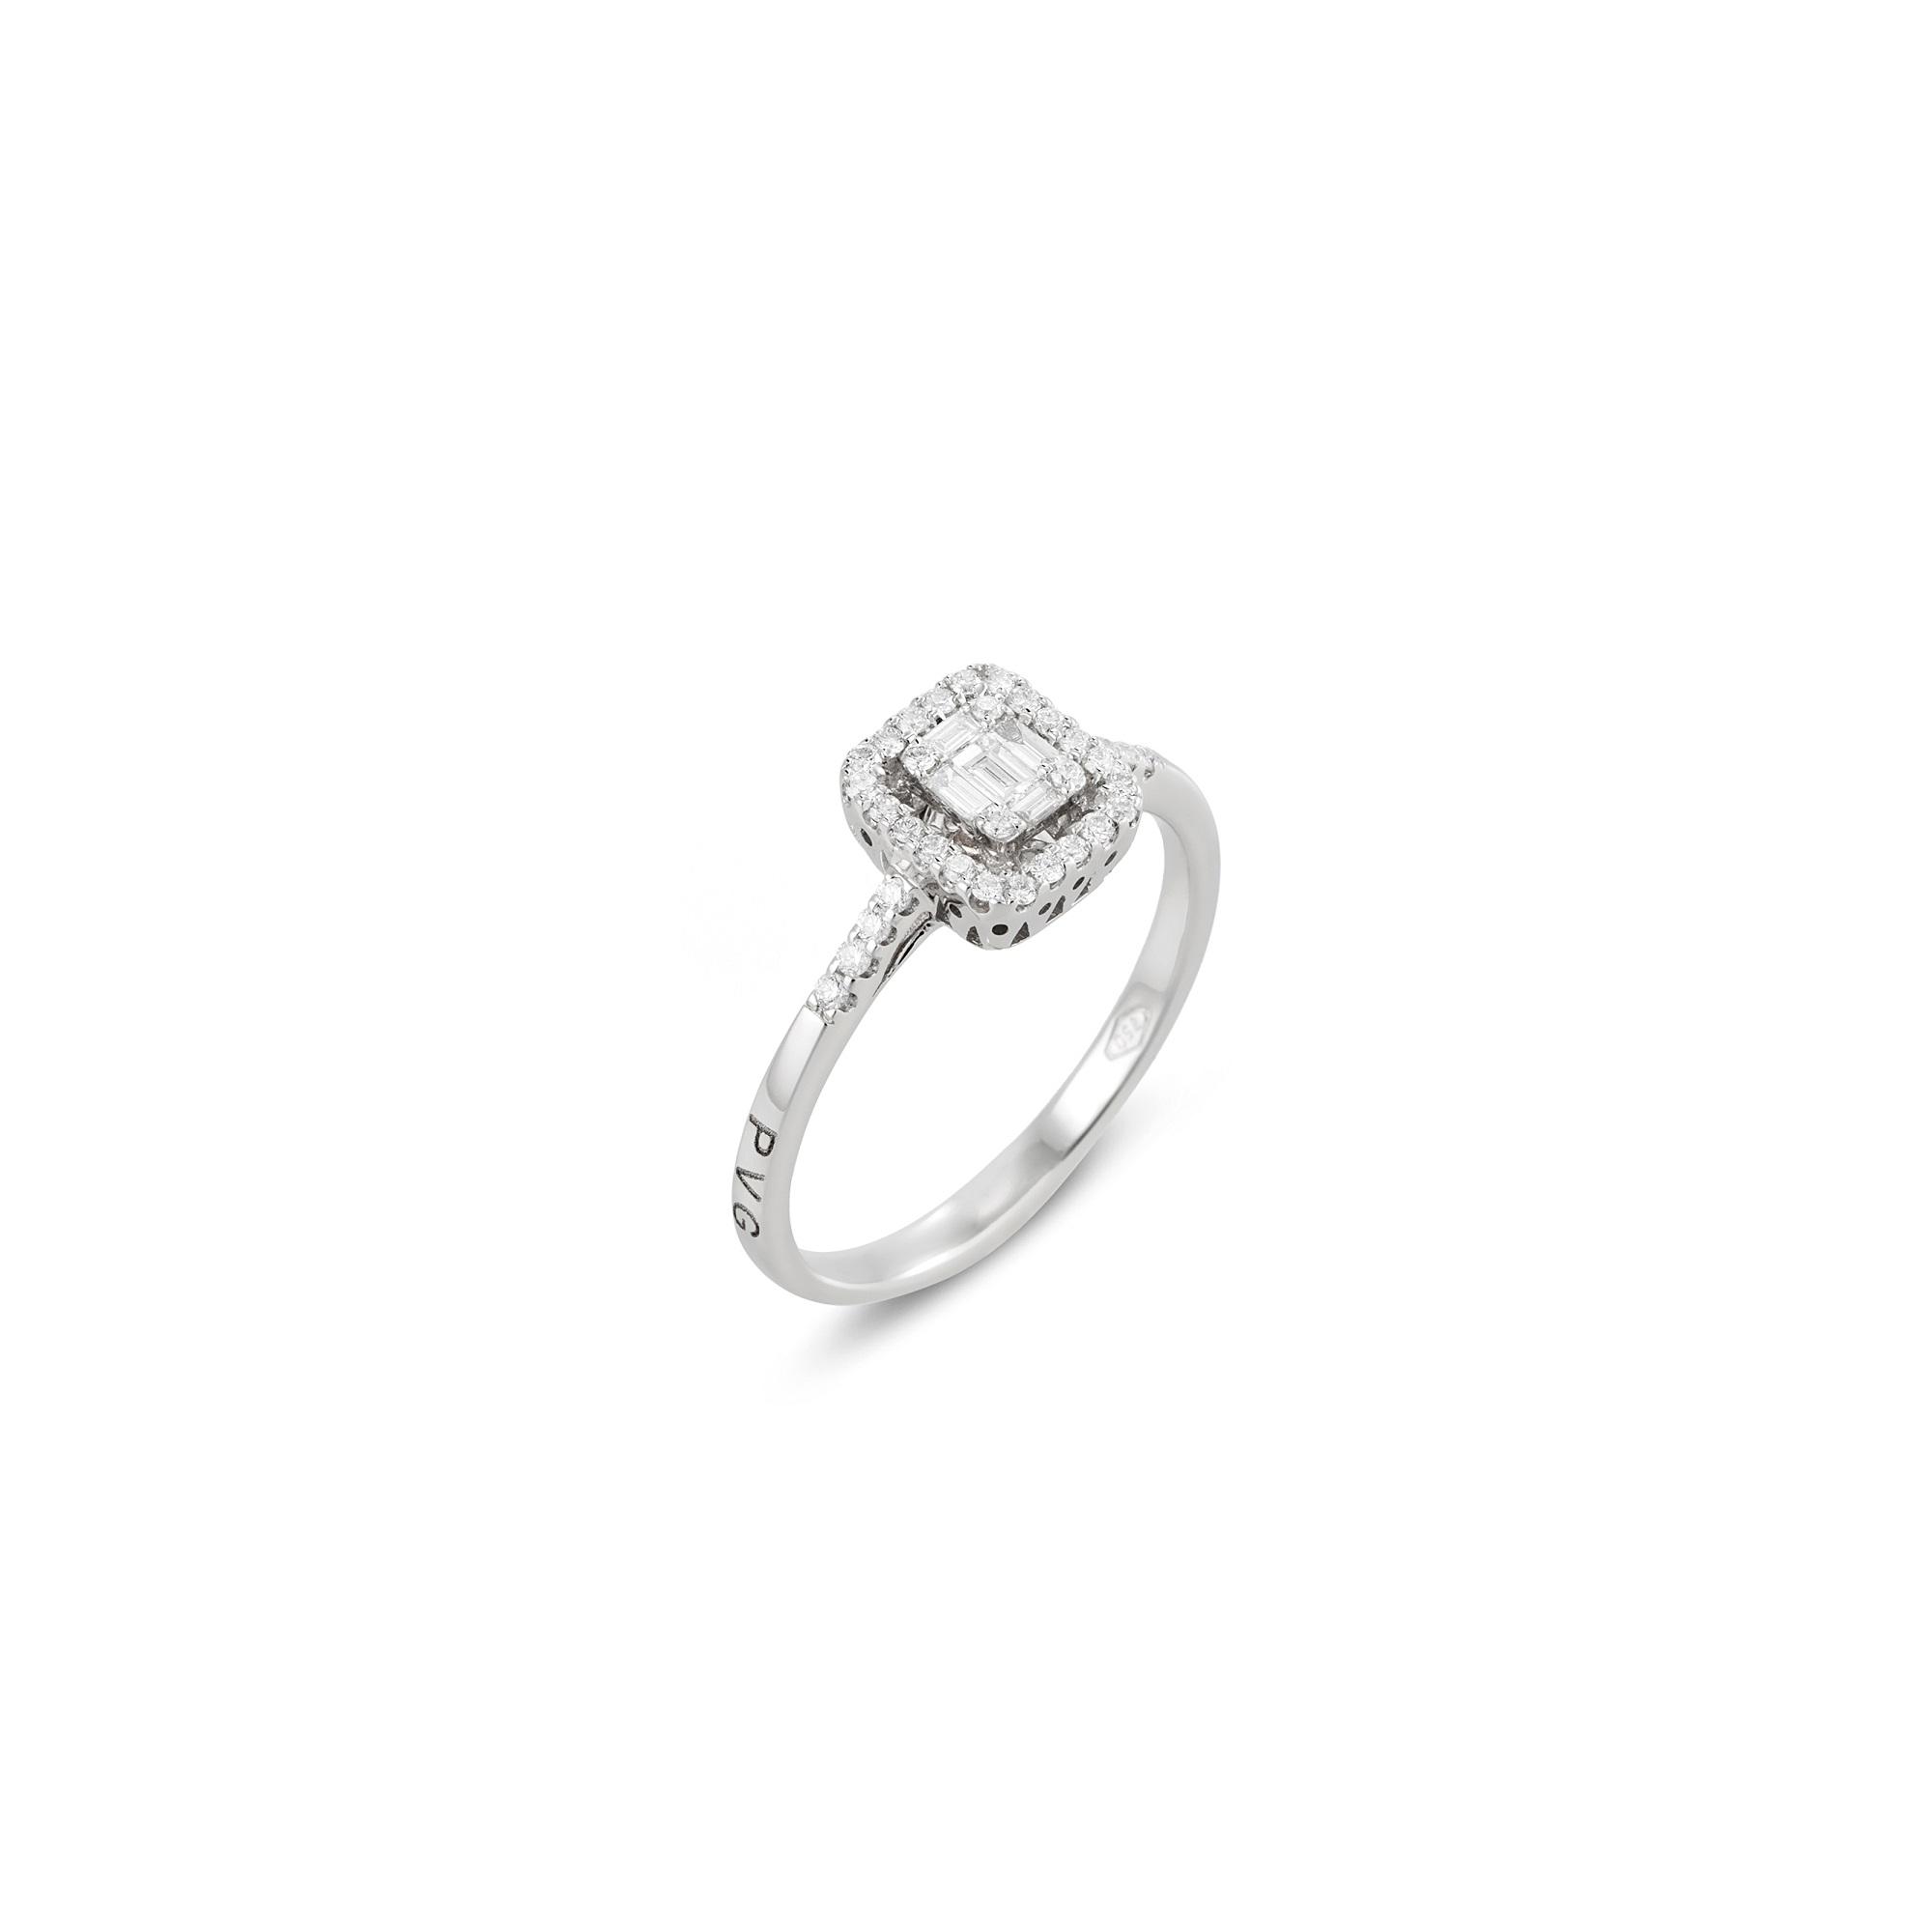 Ring aus Weißgold mit Diamanten